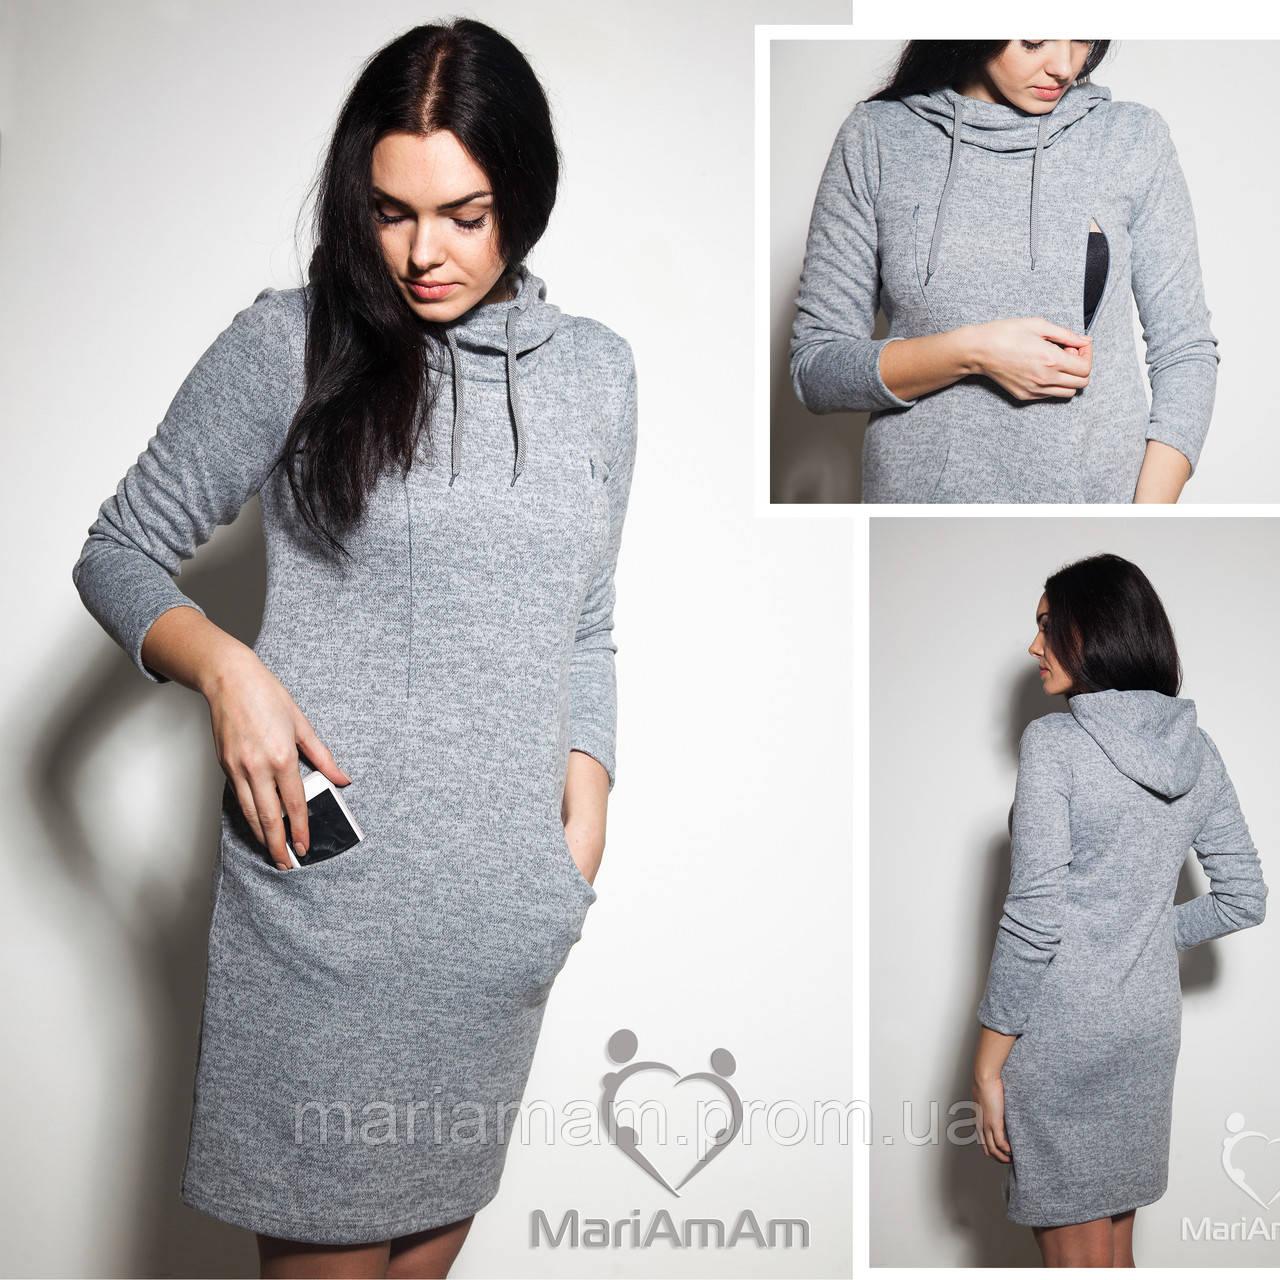 6ab010da44a0d21 Платье с Капюшоном для Беременных и Кормящих Mariamam Grey — в ...